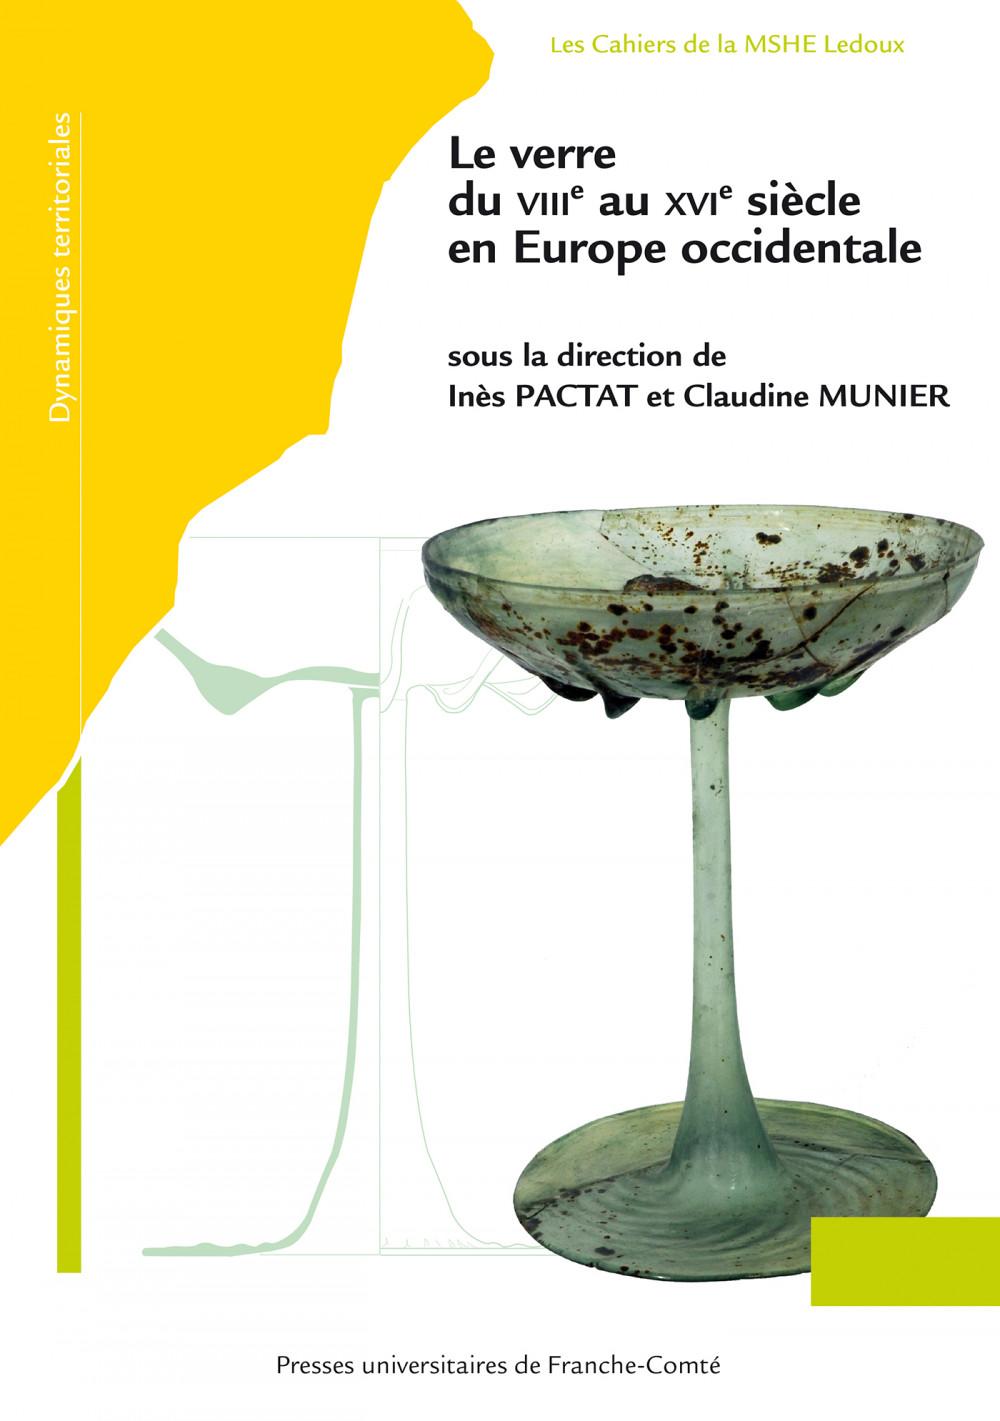 """Le verre du <span style=""""font-variant: small-caps;"""">viii</span><sup>e</sup> au <span style=""""font-variant: small-caps;"""">xvi</span><sup>e</sup> siècle en Europe occidentale"""